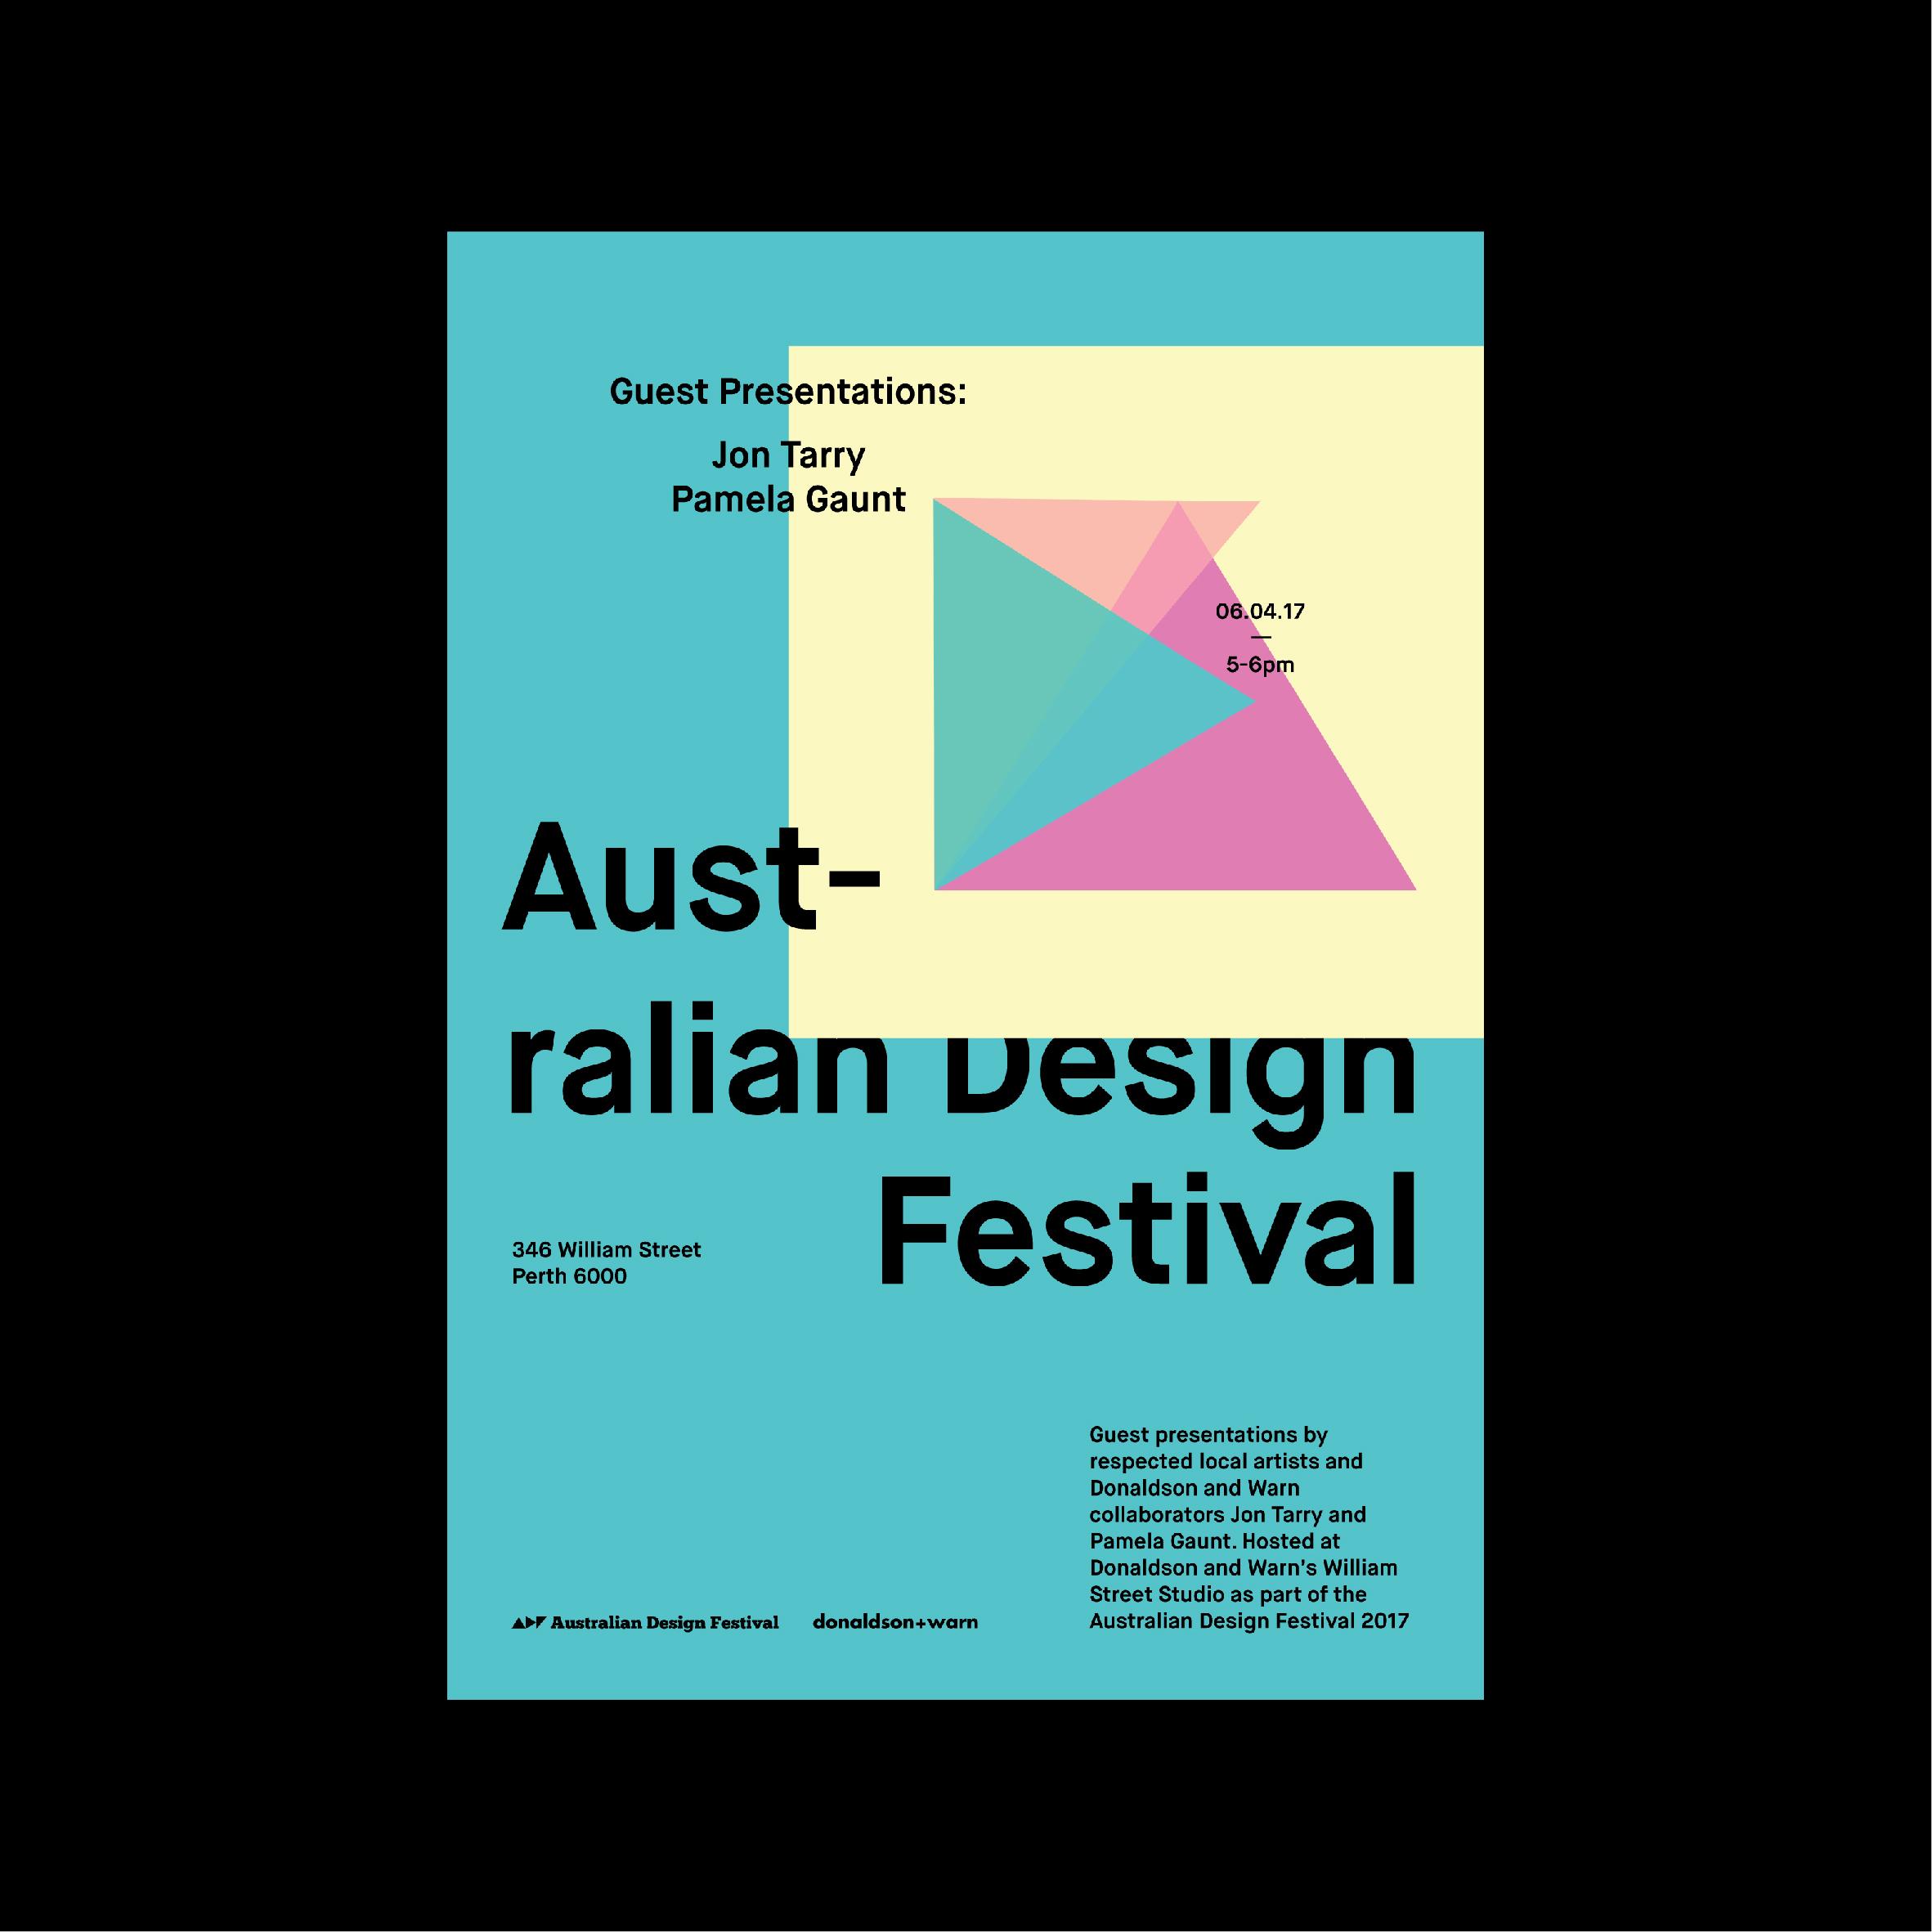 australian_design_festival_architecture_perth.jpg